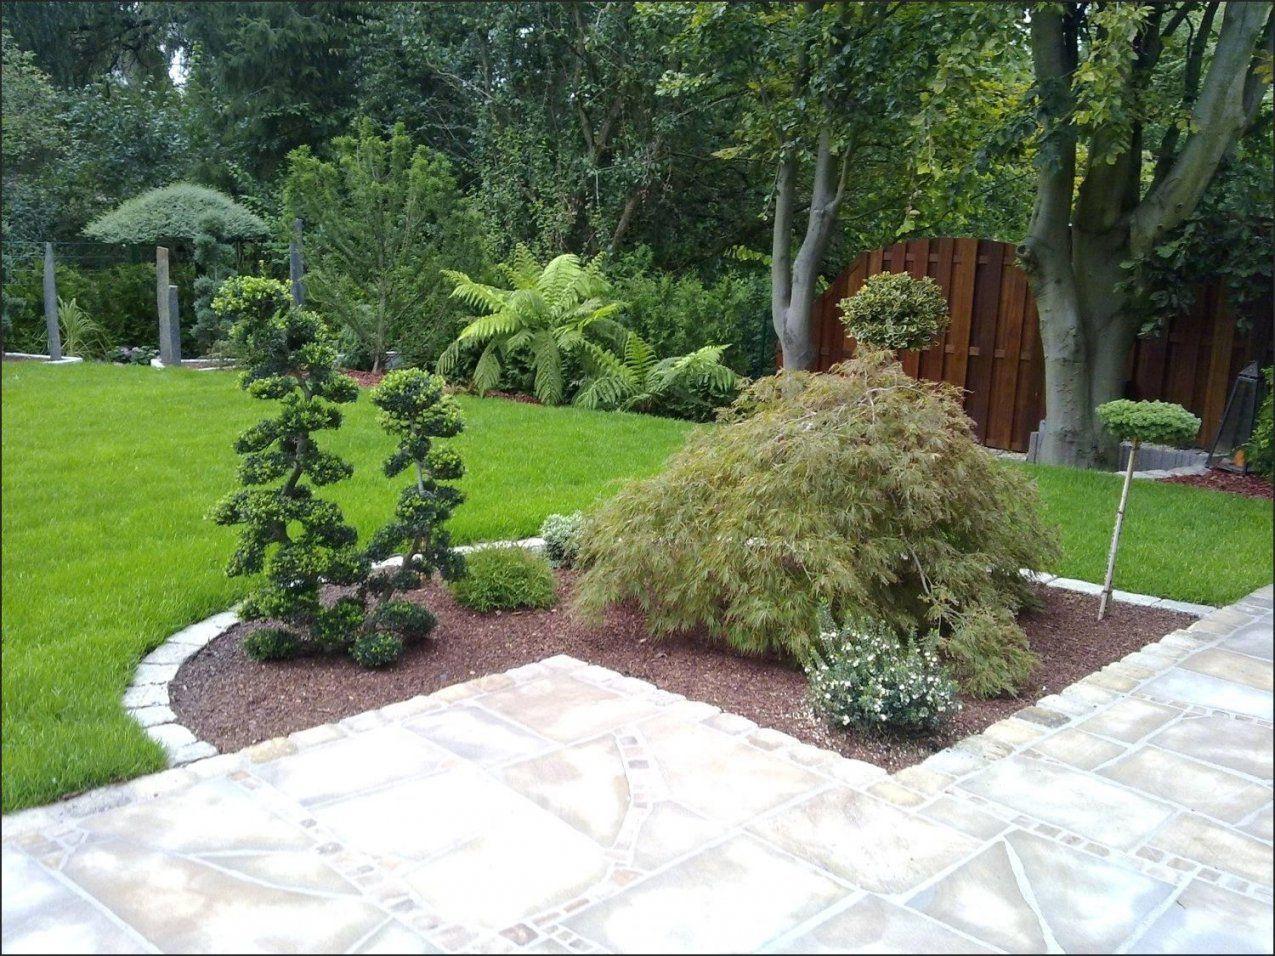 28 Wunderschön Garten Mit Steinen Gestalten  Maisonbonte von Garten Mit Steinen Gestalten Bild